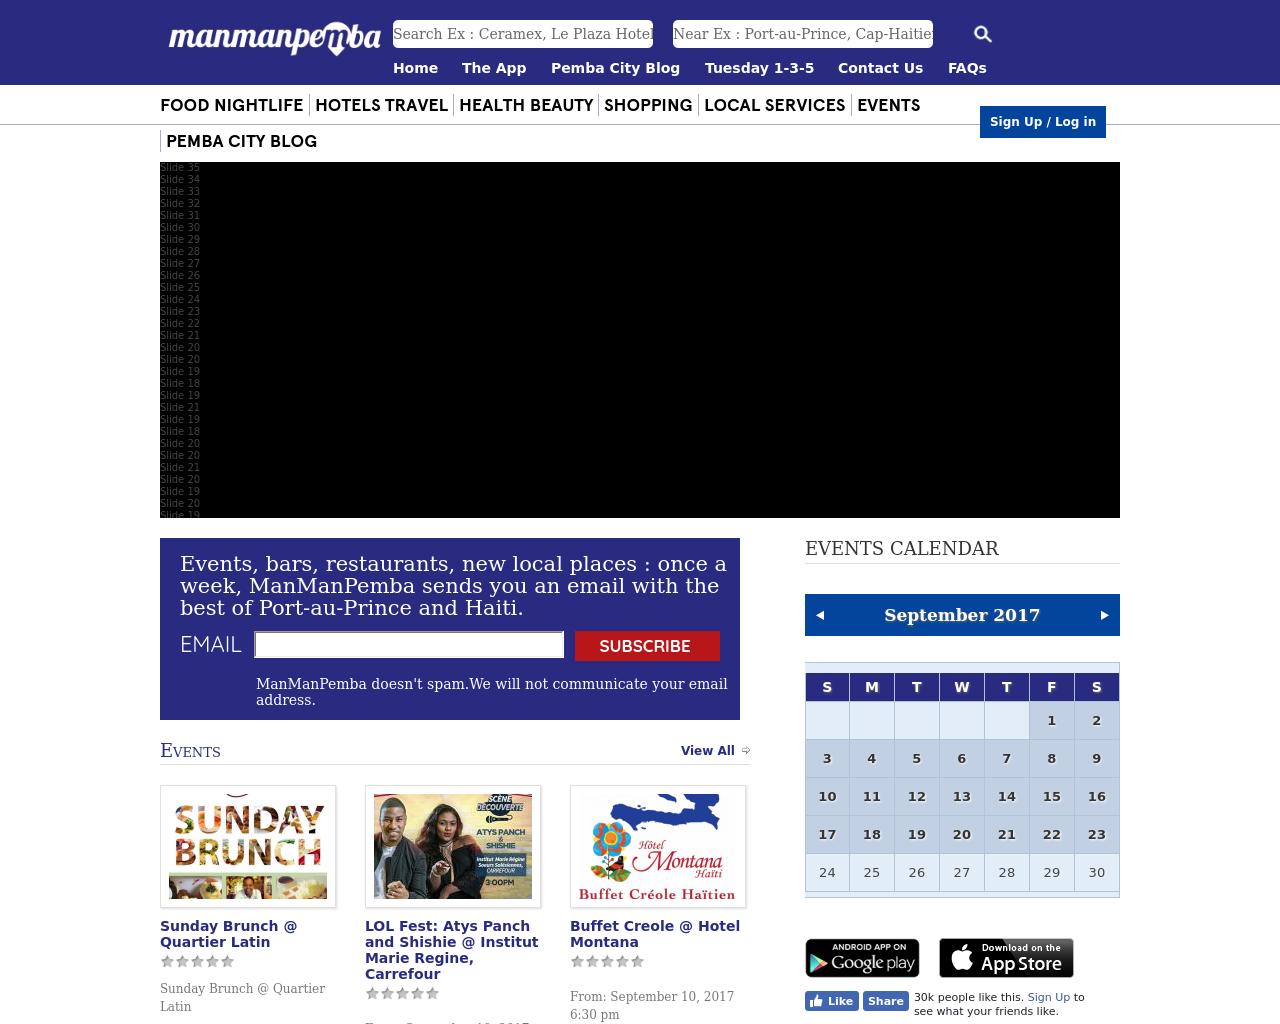 ManmanPemba-Advertising-Reviews-Pricing